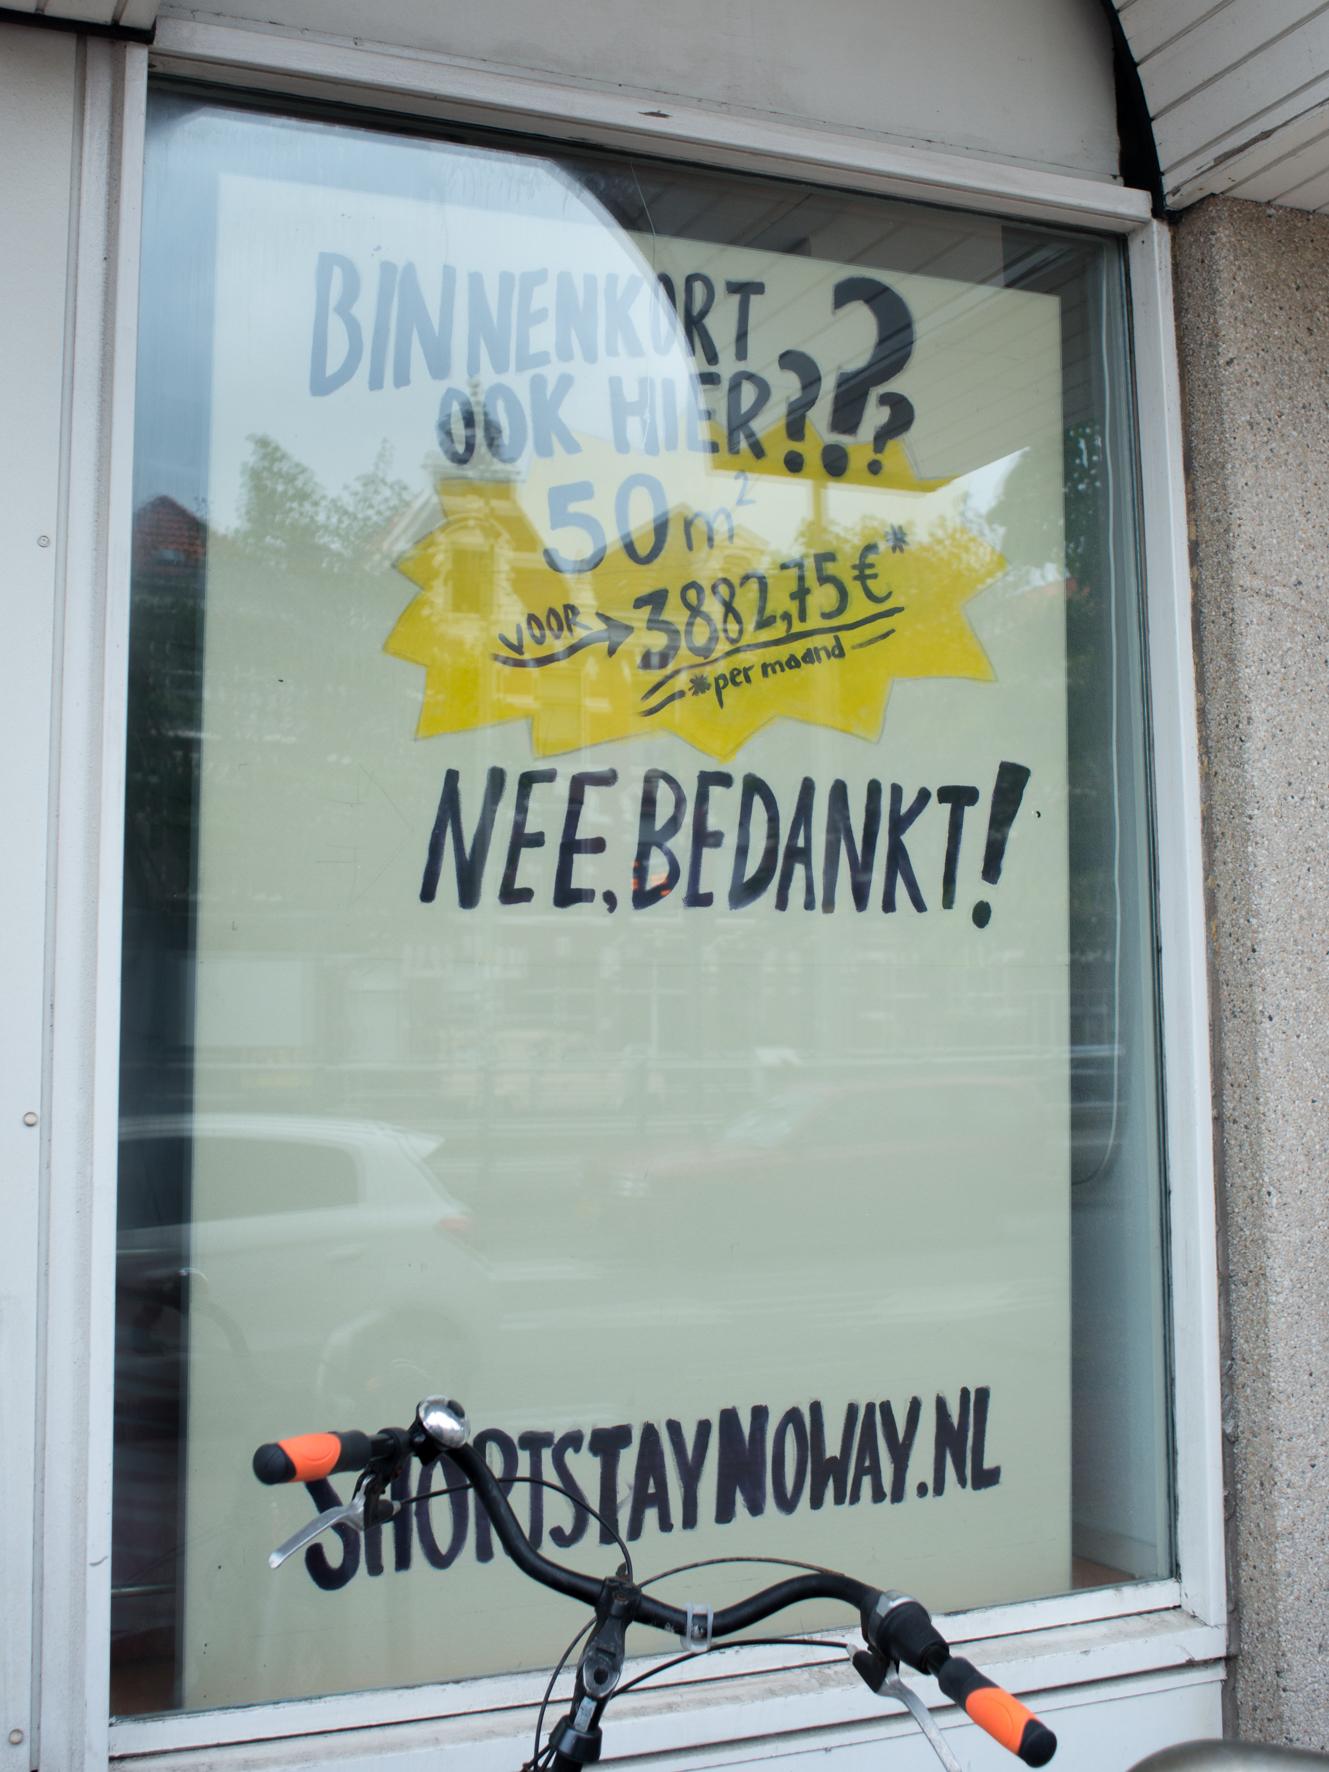 Je ziet een geel bord waar erop staat: Binnenkort ook hier? 50m2 voor 3882,75 € per maand - Nee, bedankt!. Beneden staat 'shortstaynoway.nl'.